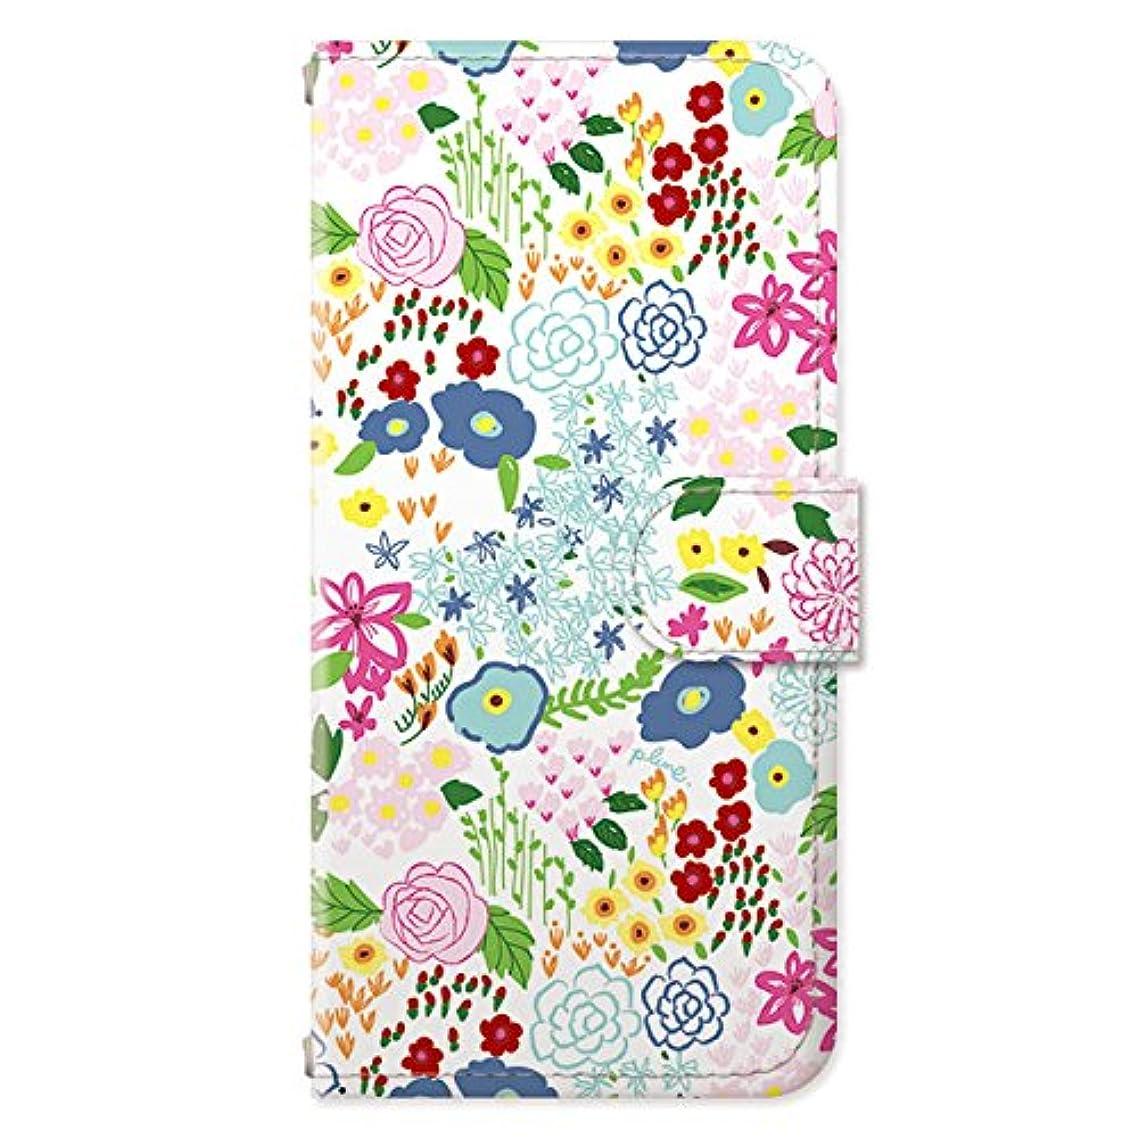 ピアモスクめ言葉Plune. × collaborn iPhone 6s / 6 (4.7インチ)専用 デザイナーコラボ手帳型ケース 小花柄白 PL-BKI6-018